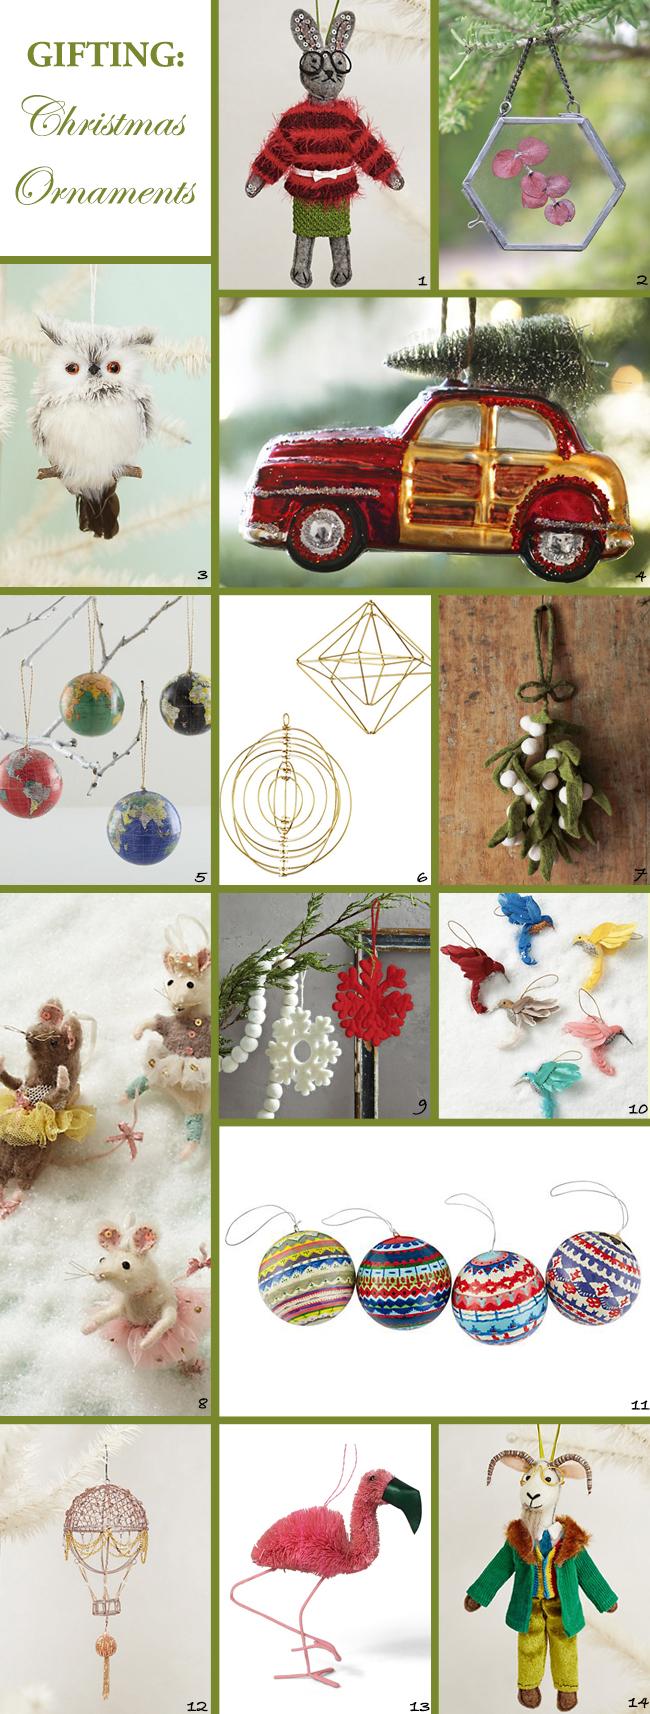 Christmas-Ornaments-2013-via-DiCorcia-Interior-Design